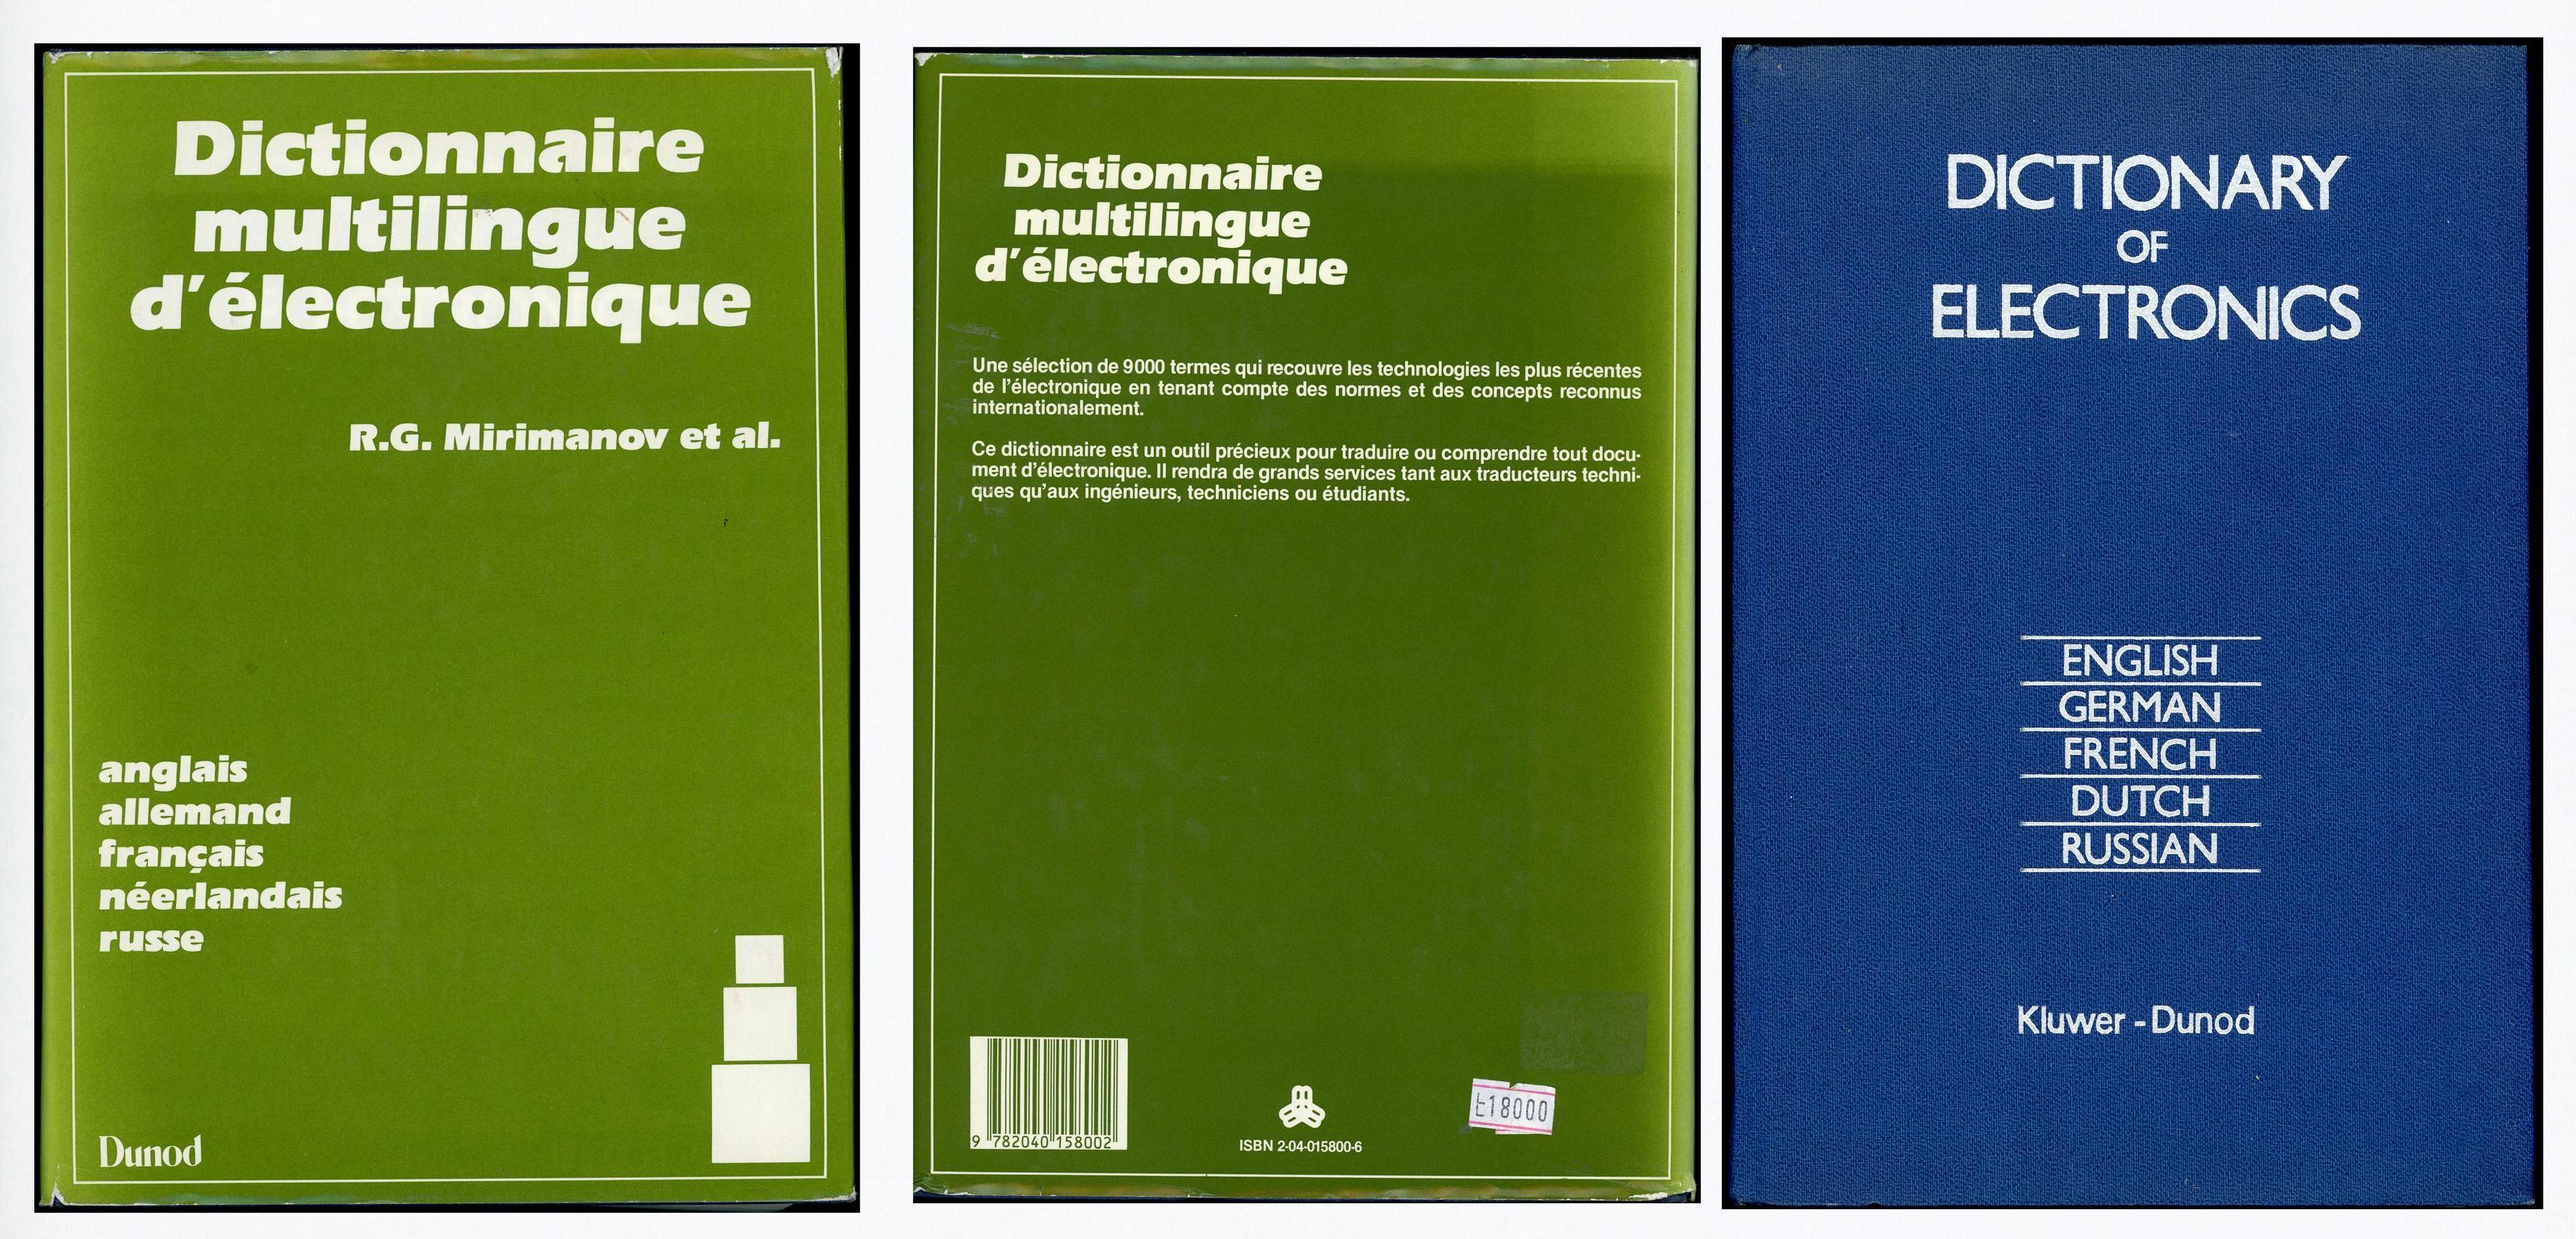 Dictionnaire multilingue d'électronique (5 langues)  25 Saint-Laurent-de-Mure (69)